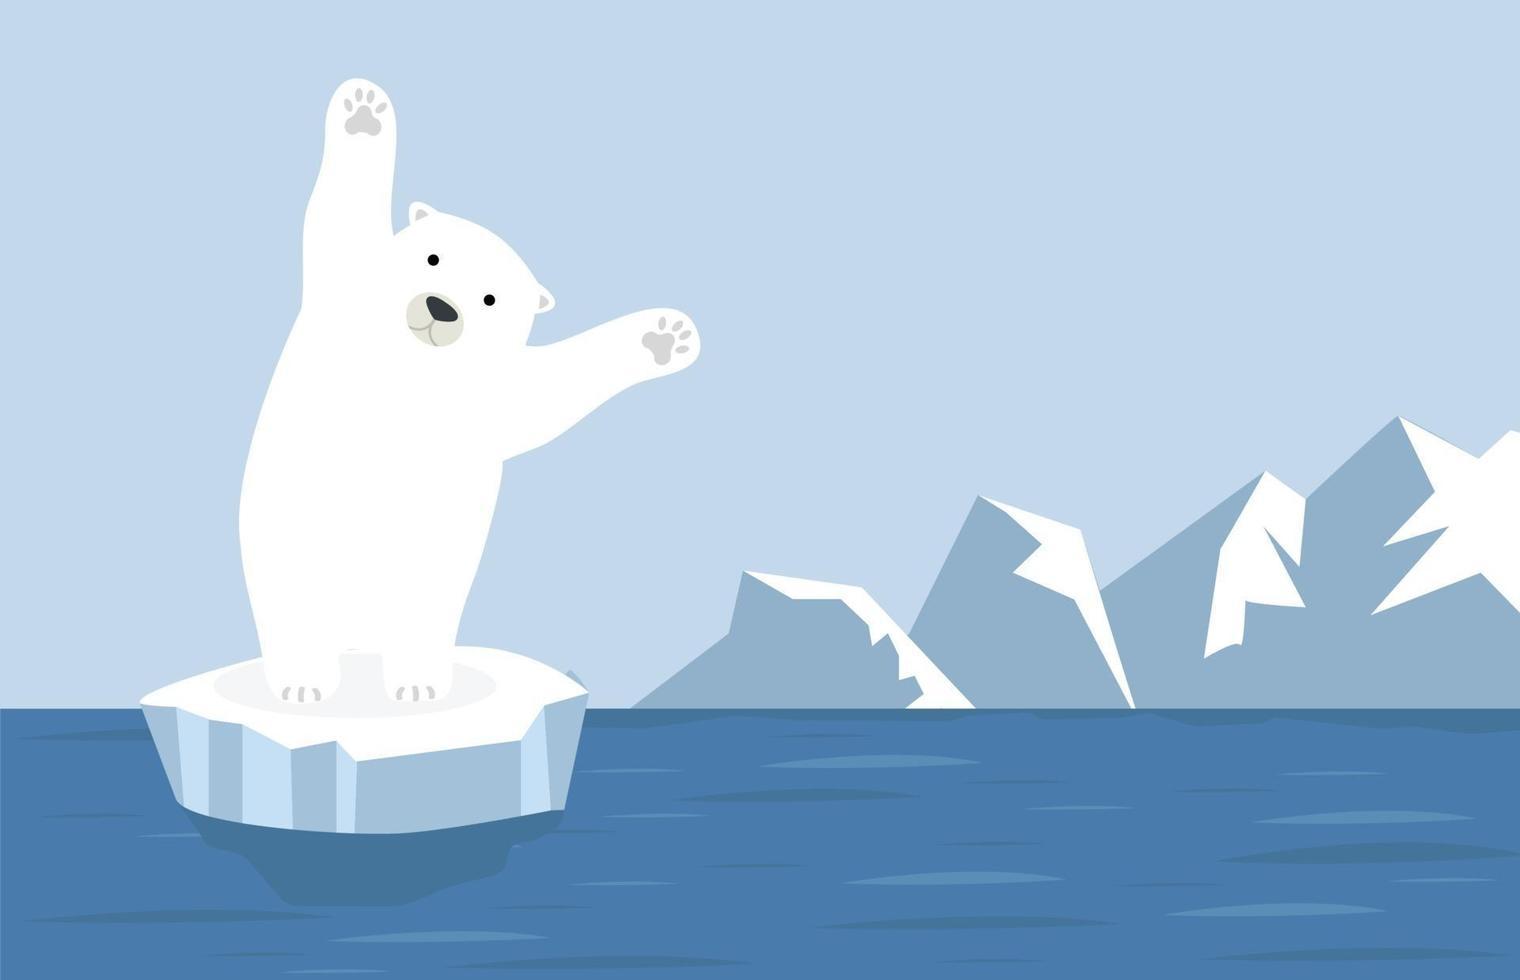 paisaje ártico del polo norte con oso polar vector